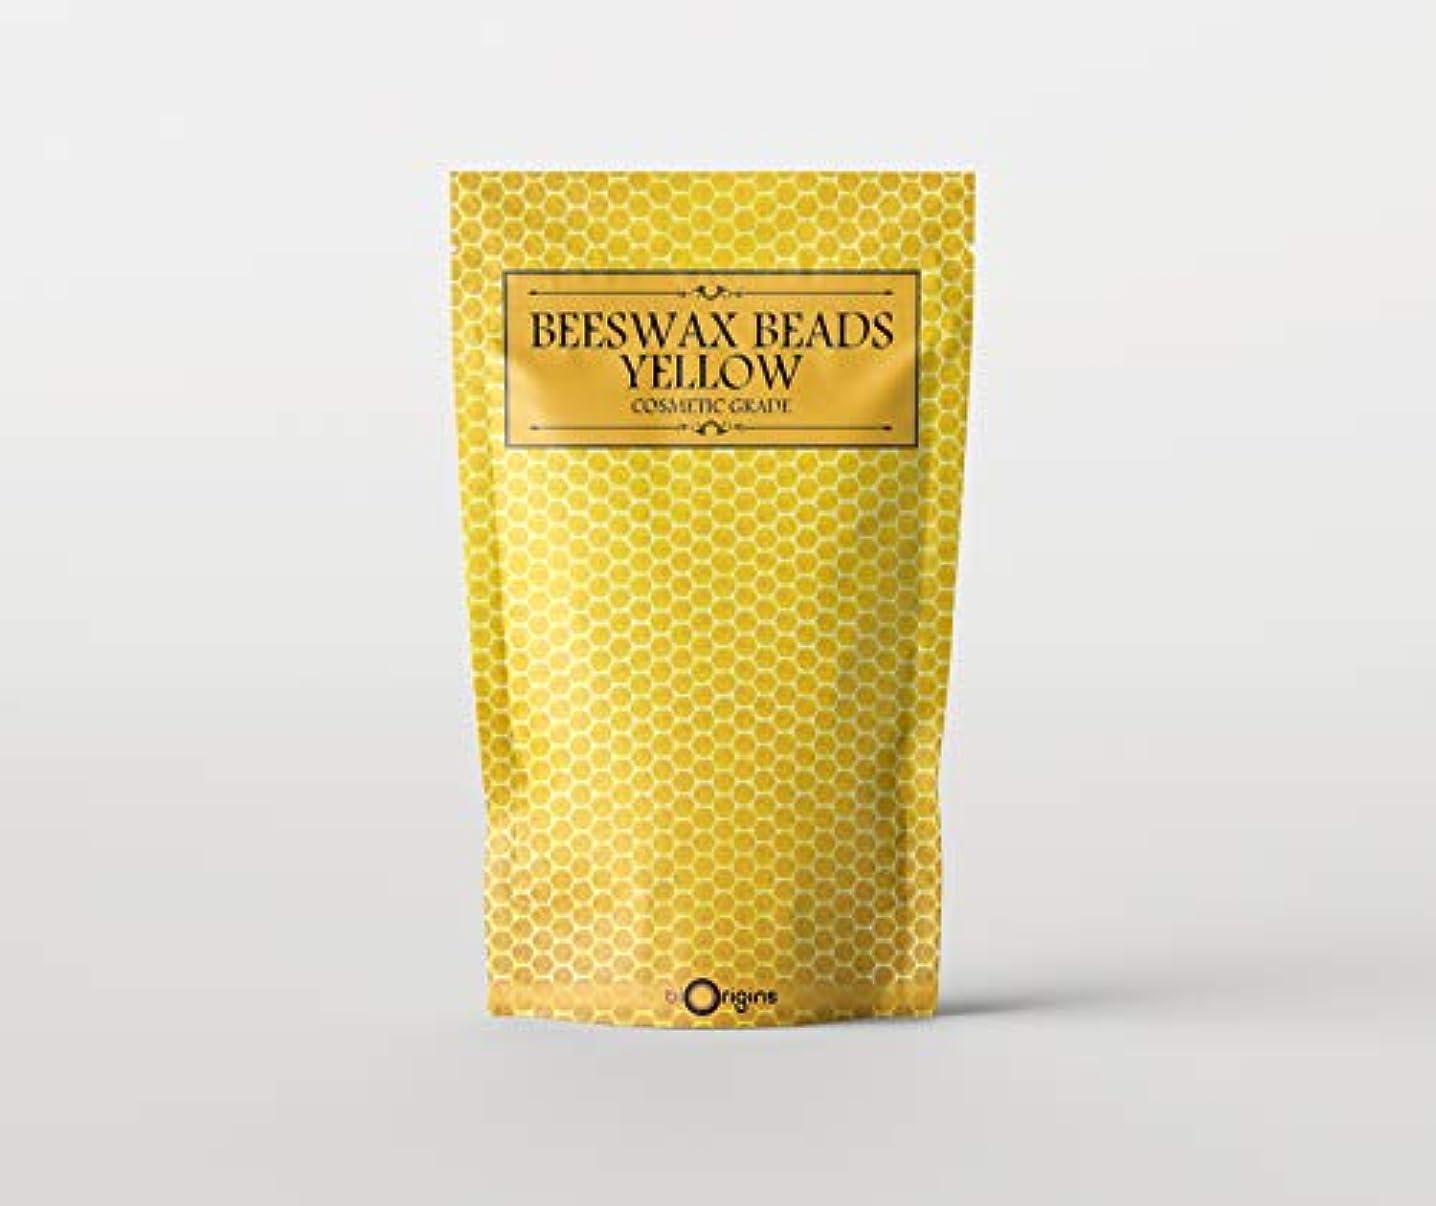 クライアント検閲学校の先生Beeswax Beads Yellow - Cosmetic Grade - 1Kg